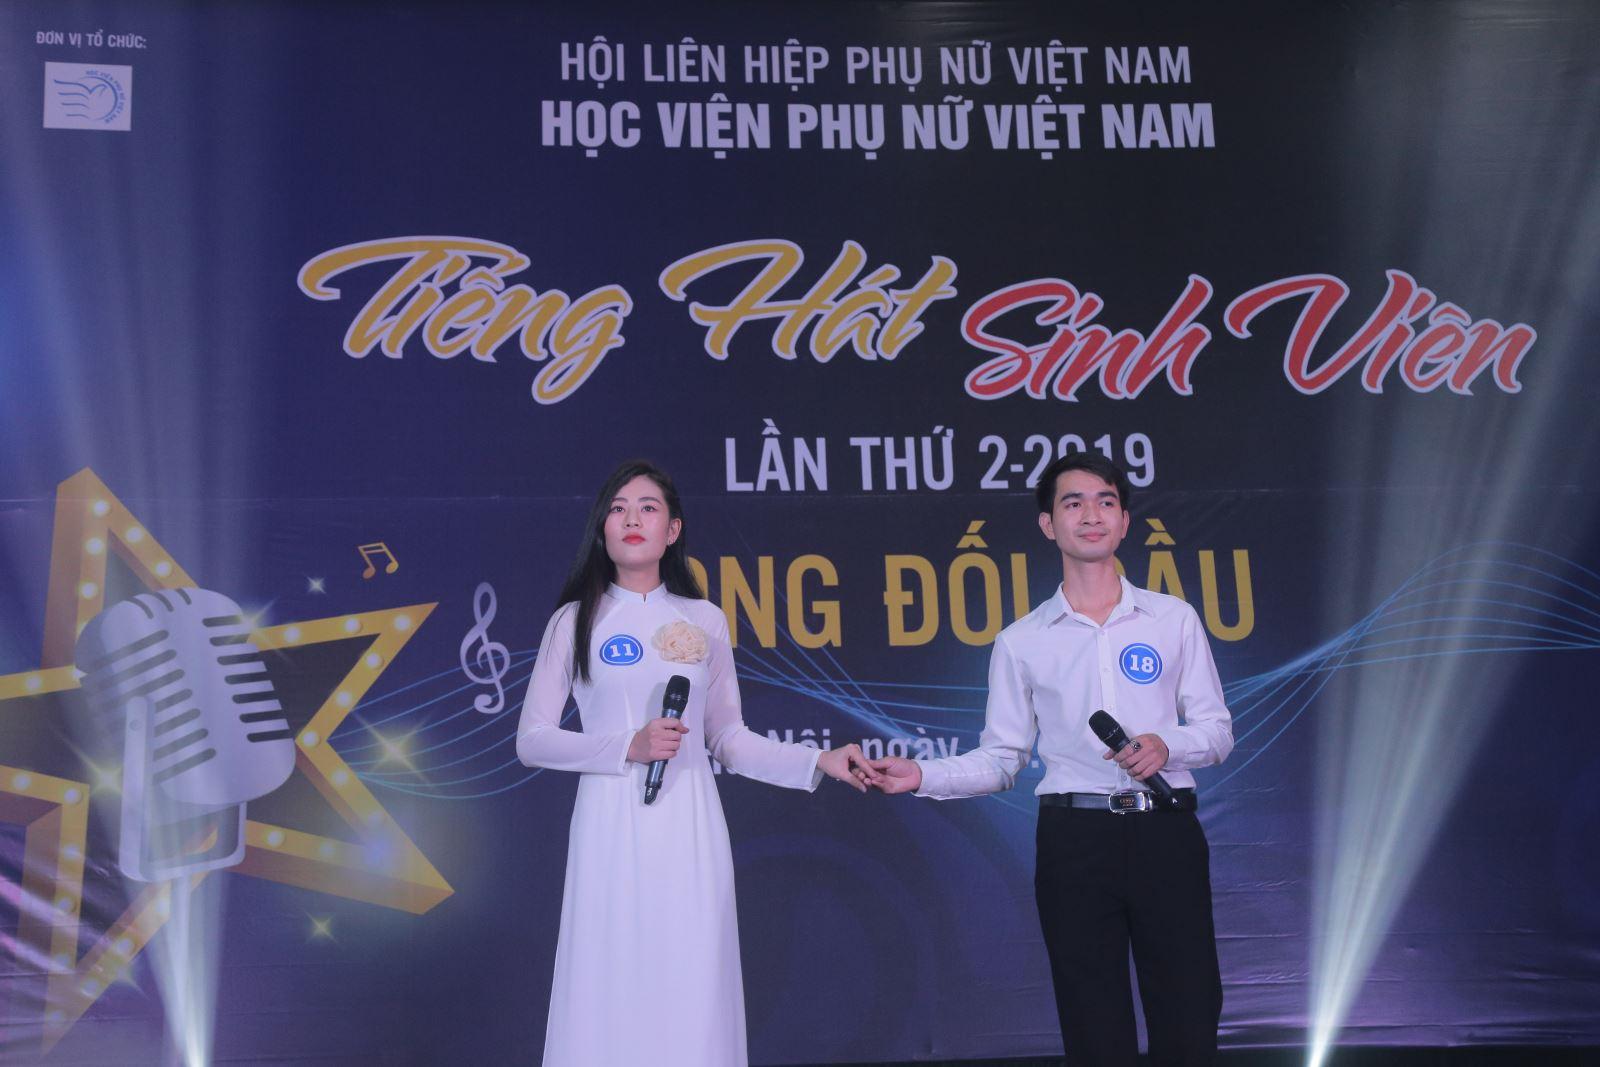 Bán kết cuộc thi Tiếng hát sinh viên Học viện Phụ nữ Việt Nam lần II